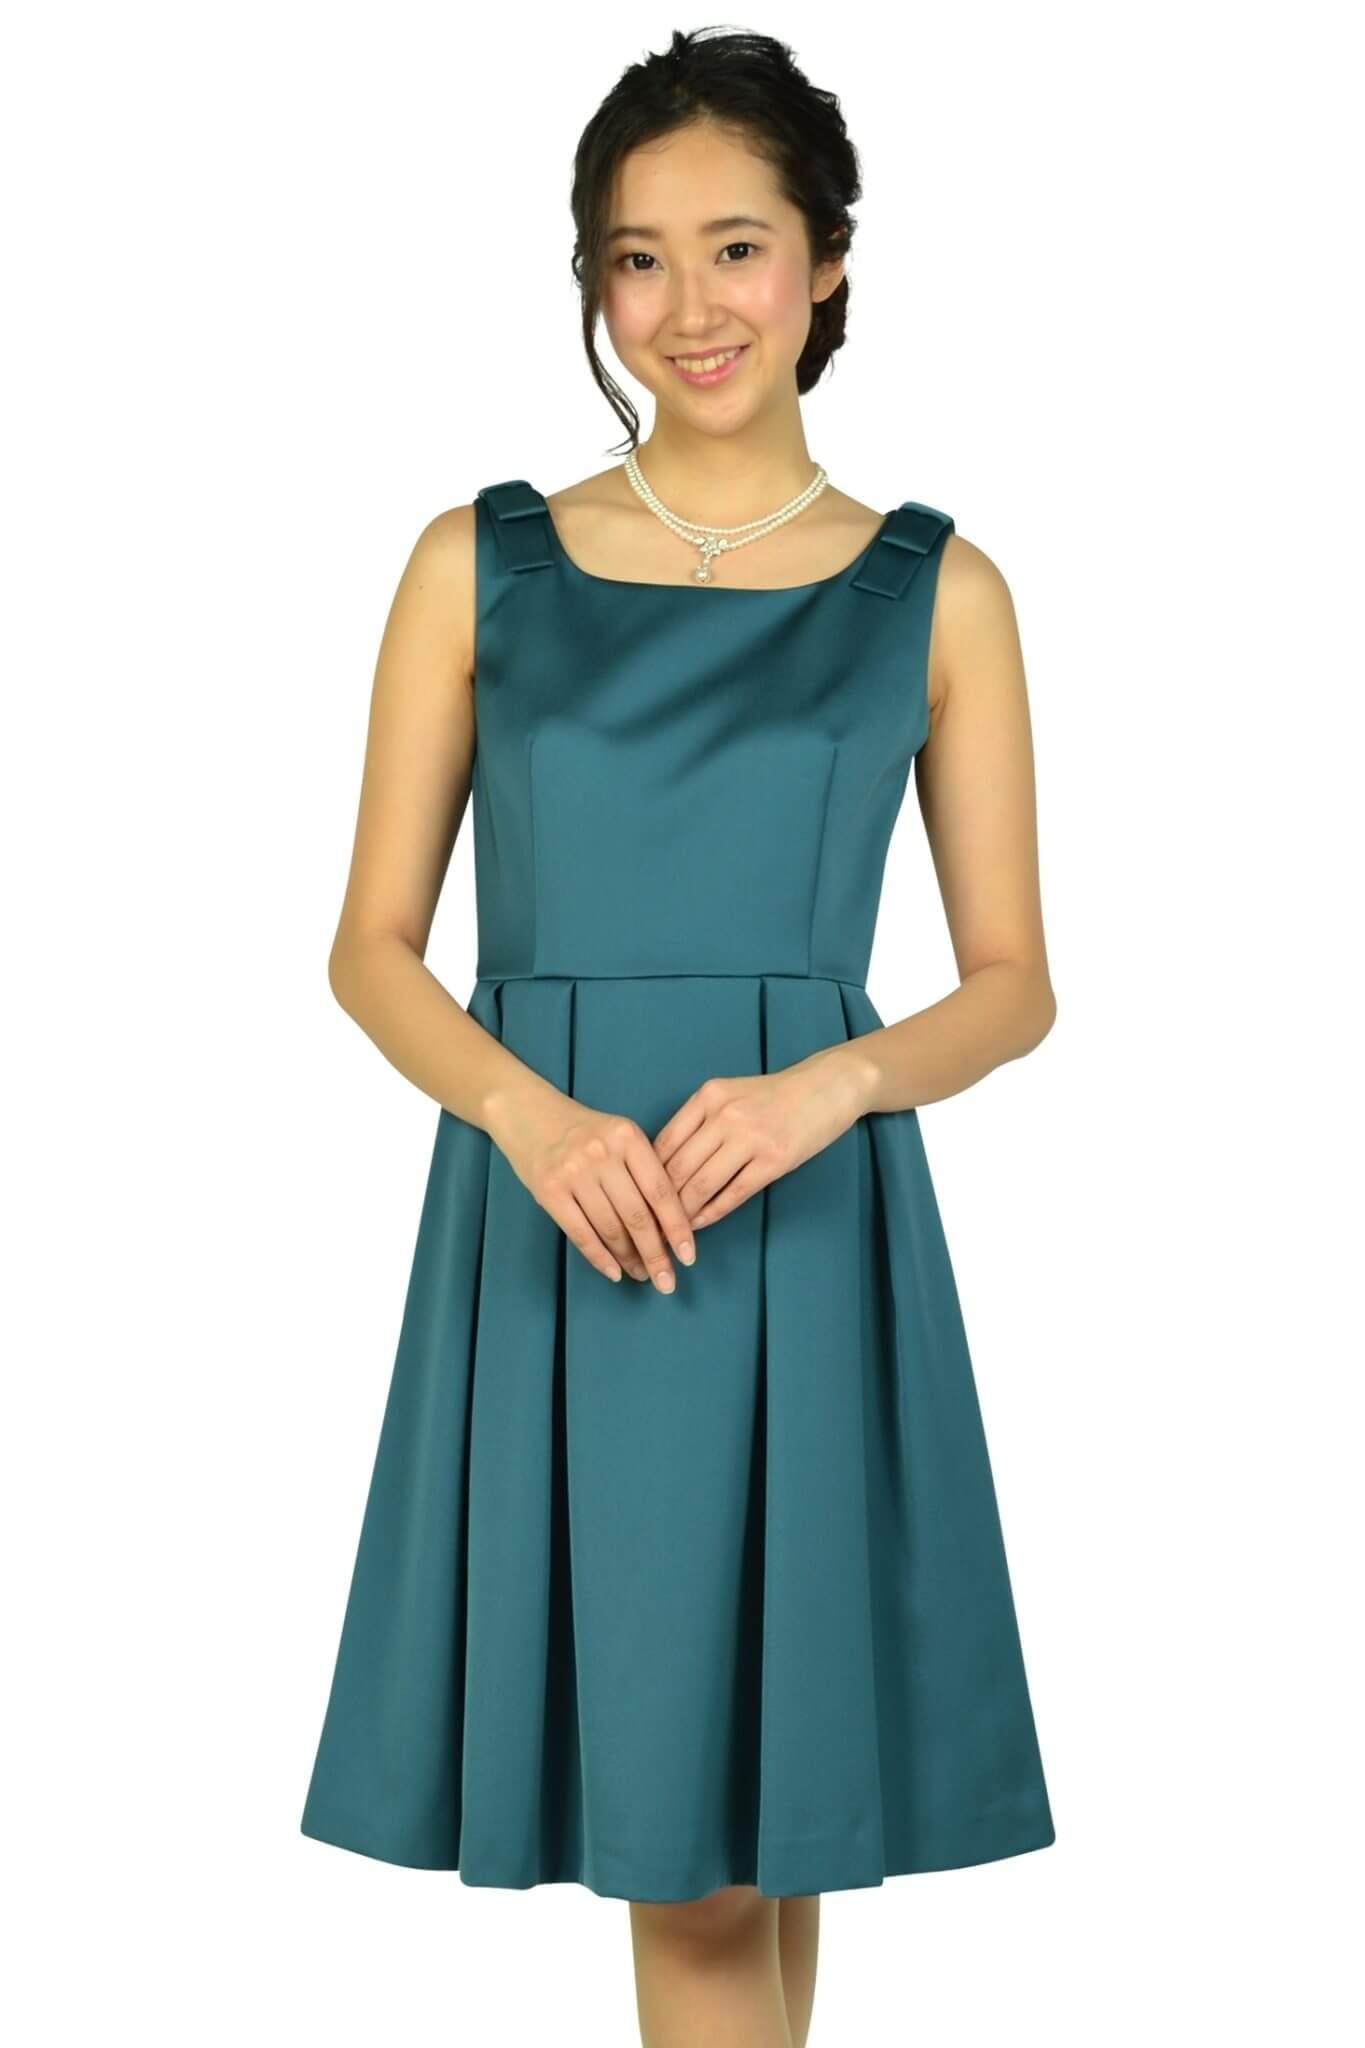 クミキョクプリエ (組曲プリエ)ショルダーリボングリーンドレス